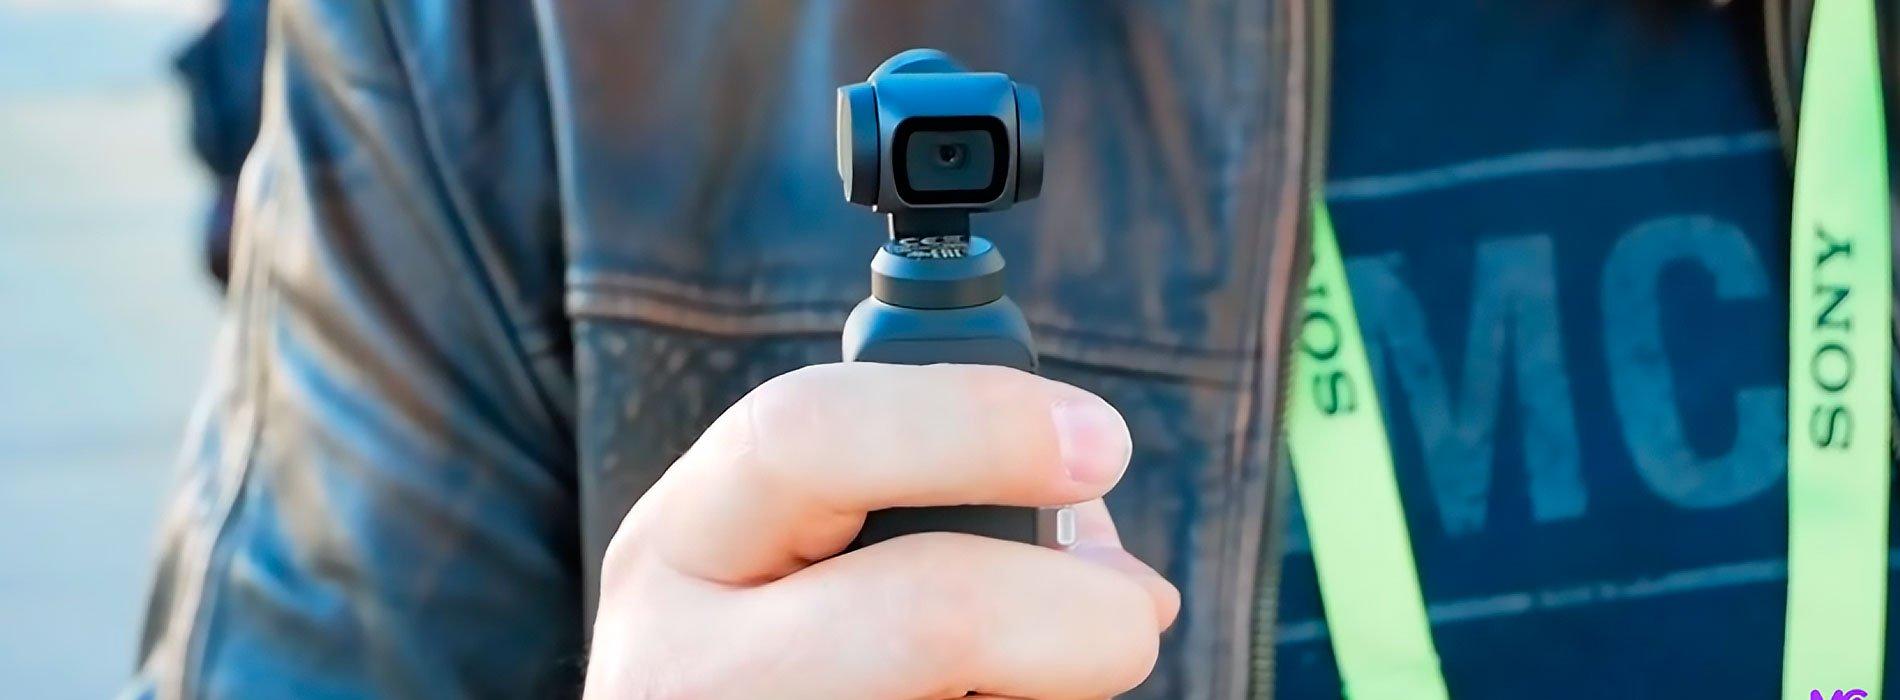 Análise: DJI Osmo Pocket, menor do que parece, e quase tão bom quanto promete